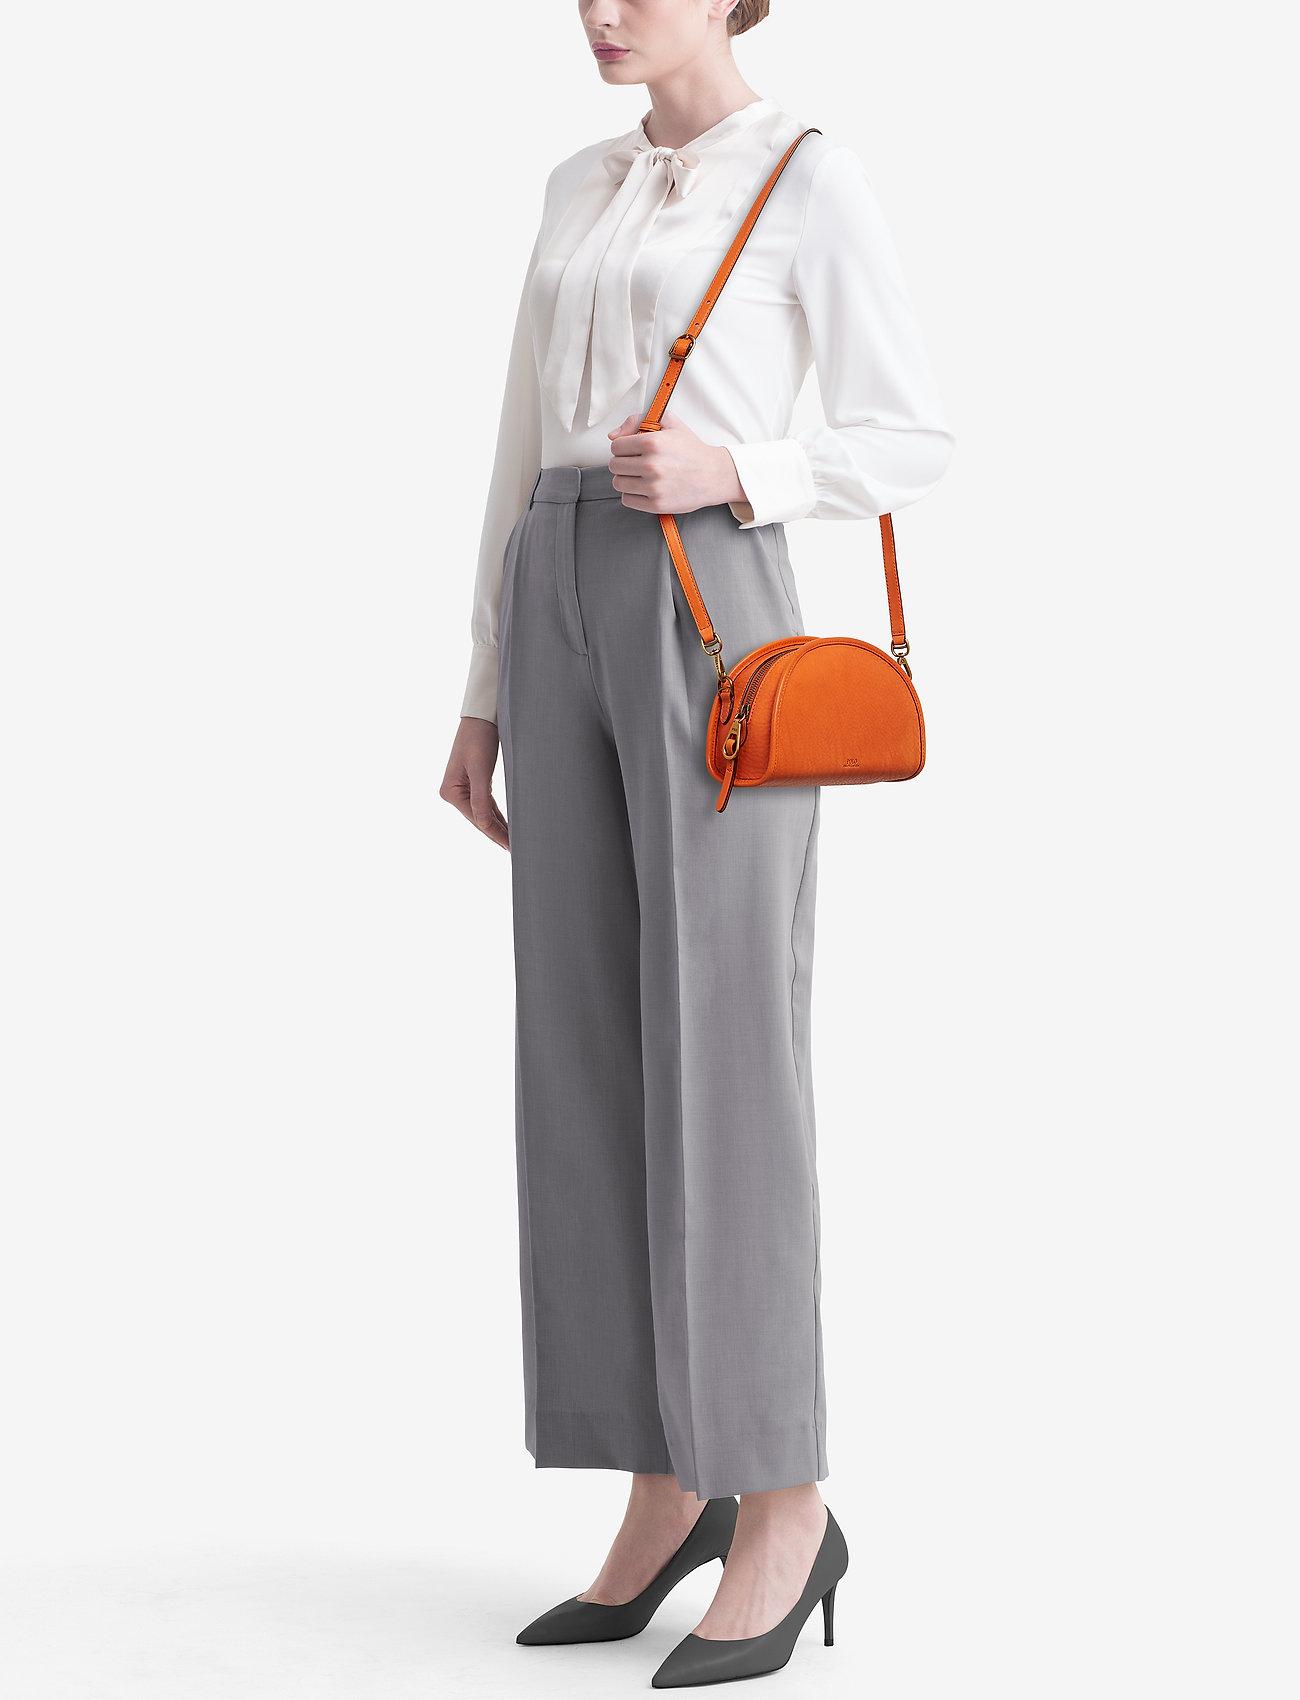 Polo Ralph Lauren Calfskin Crossbody Bag - PERSIMMON